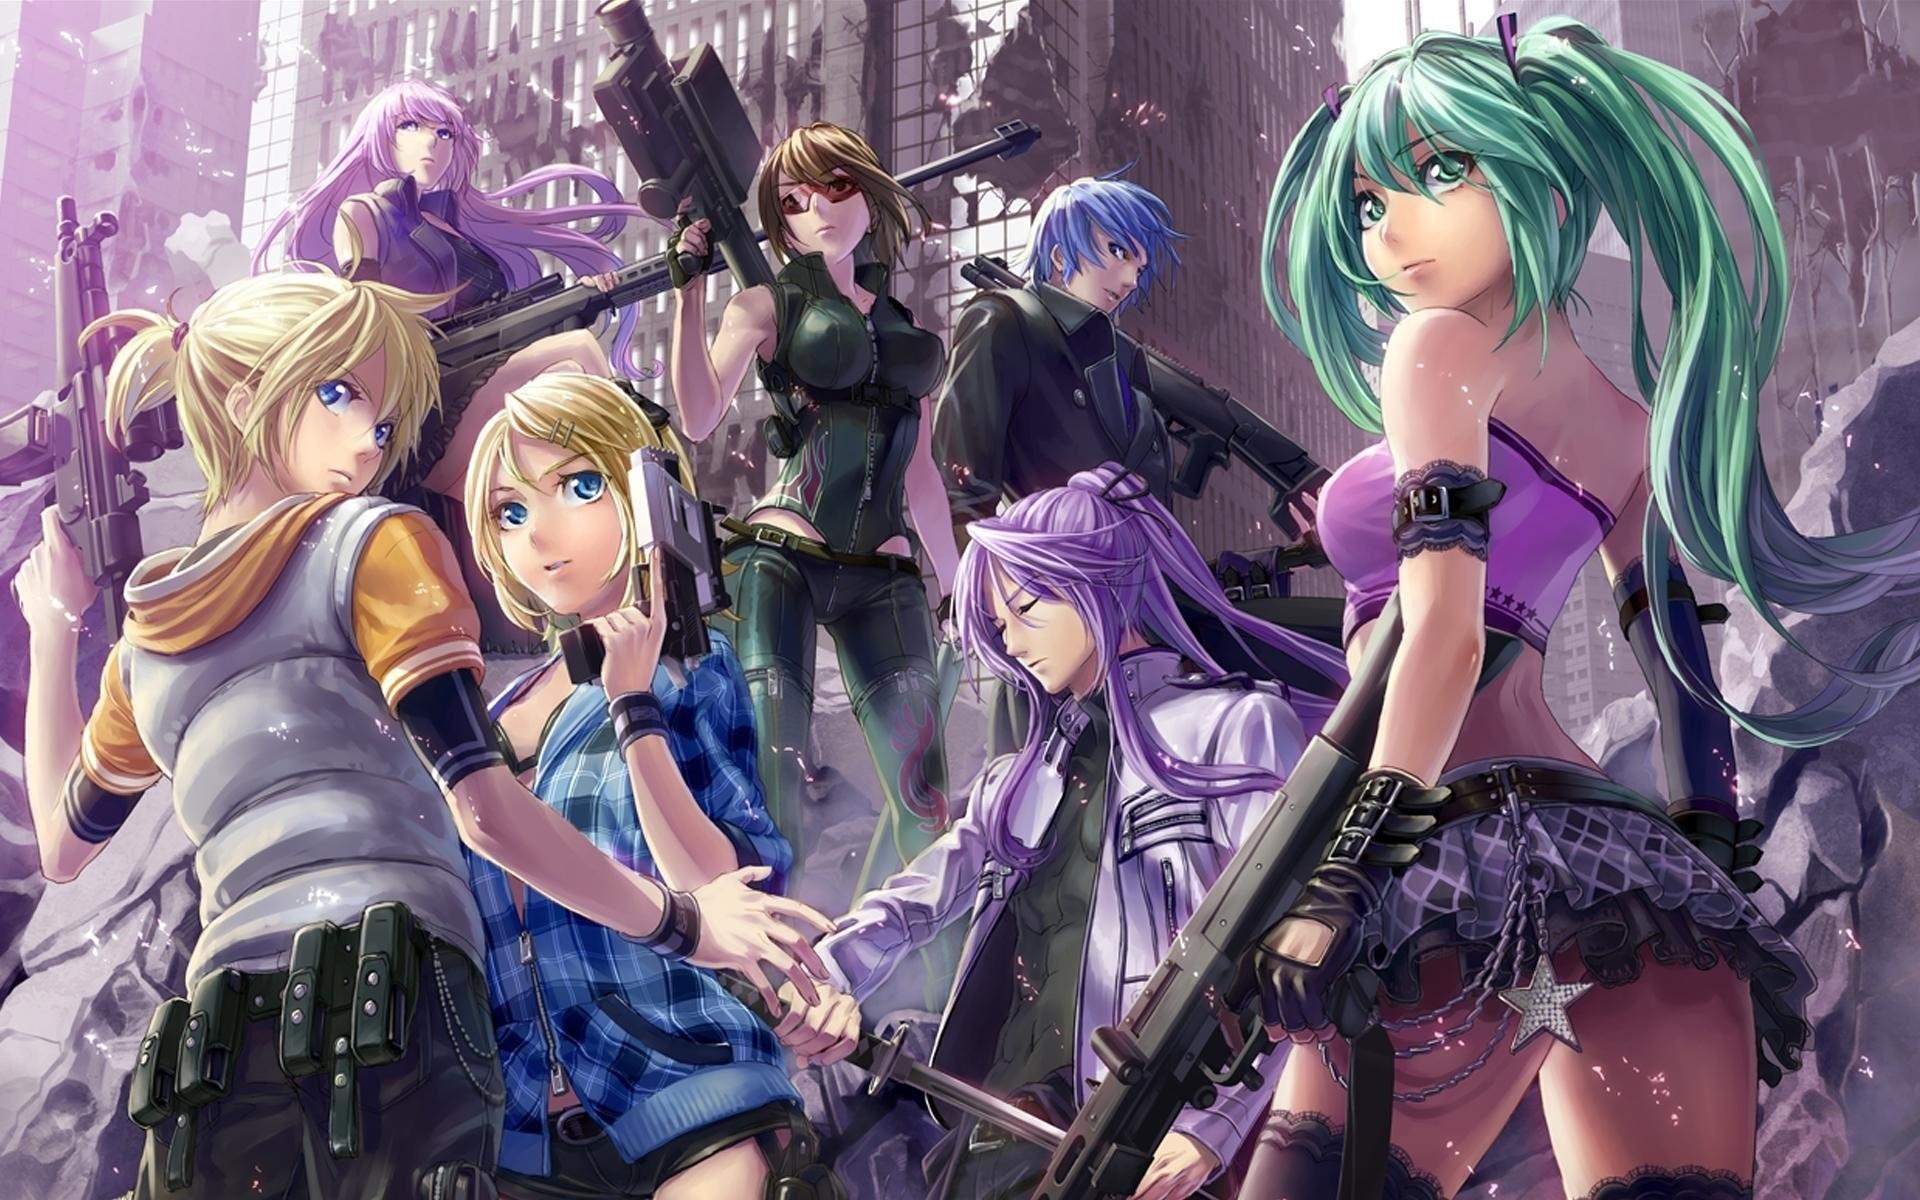 Download 700 Wallpaper Anime Hd Pack  Terbaru